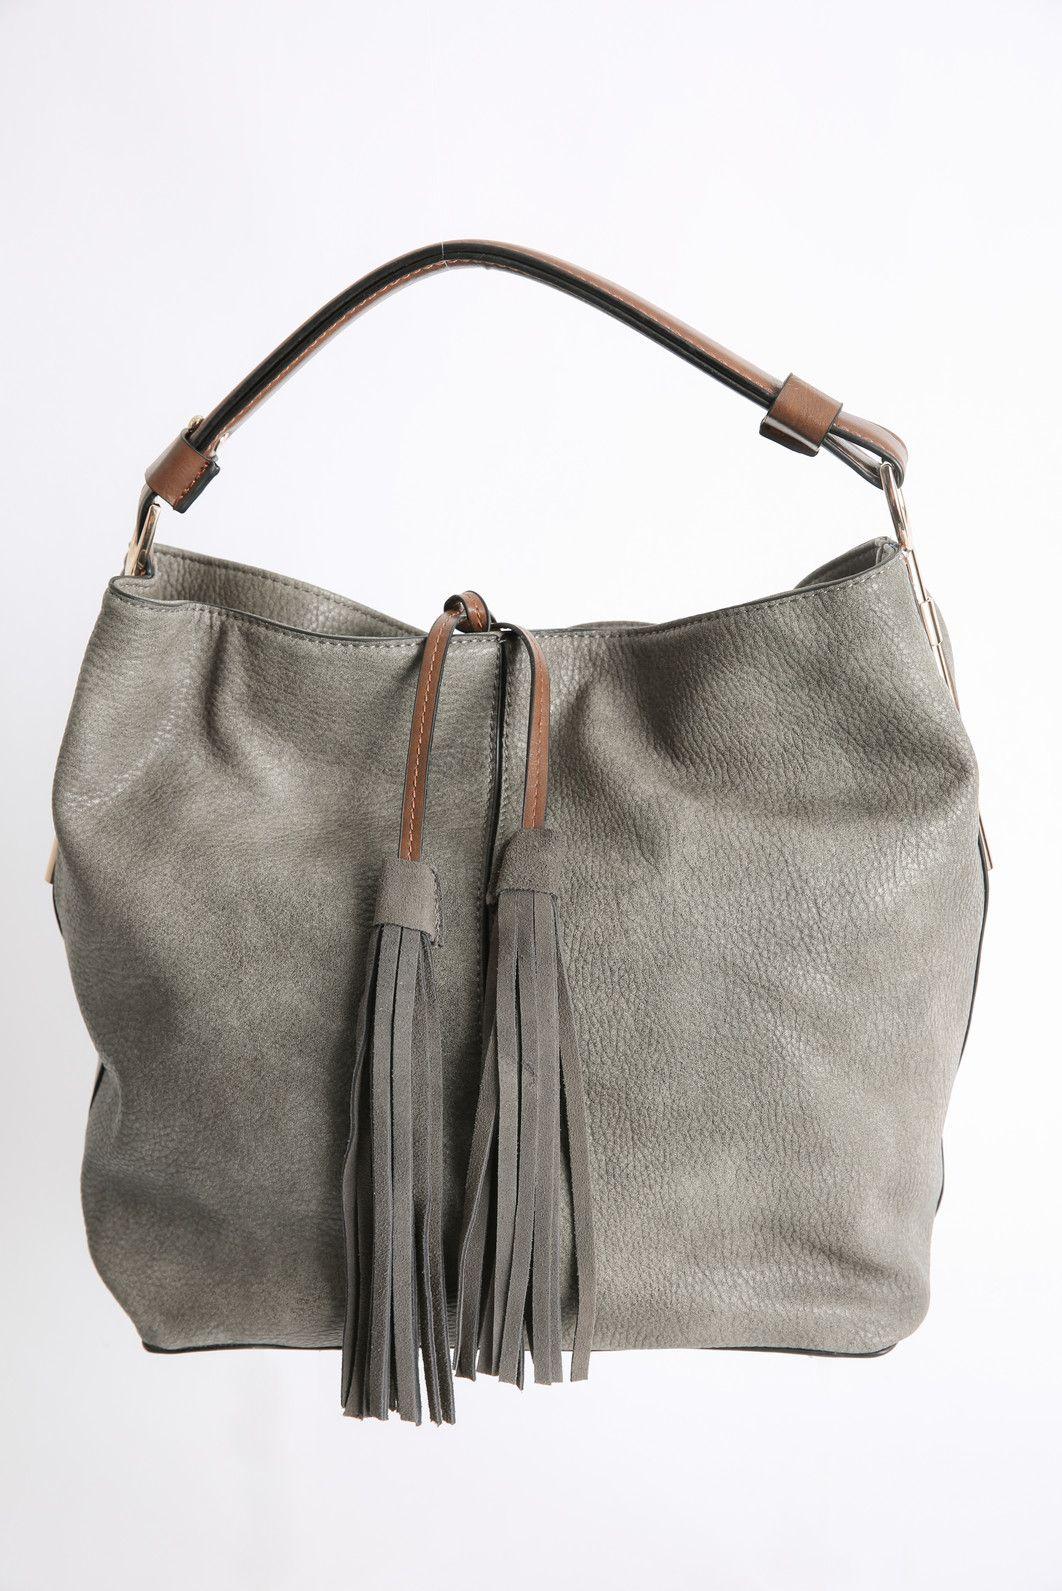 Moda Luxe Hobo Shoulder Bag South Moon Under